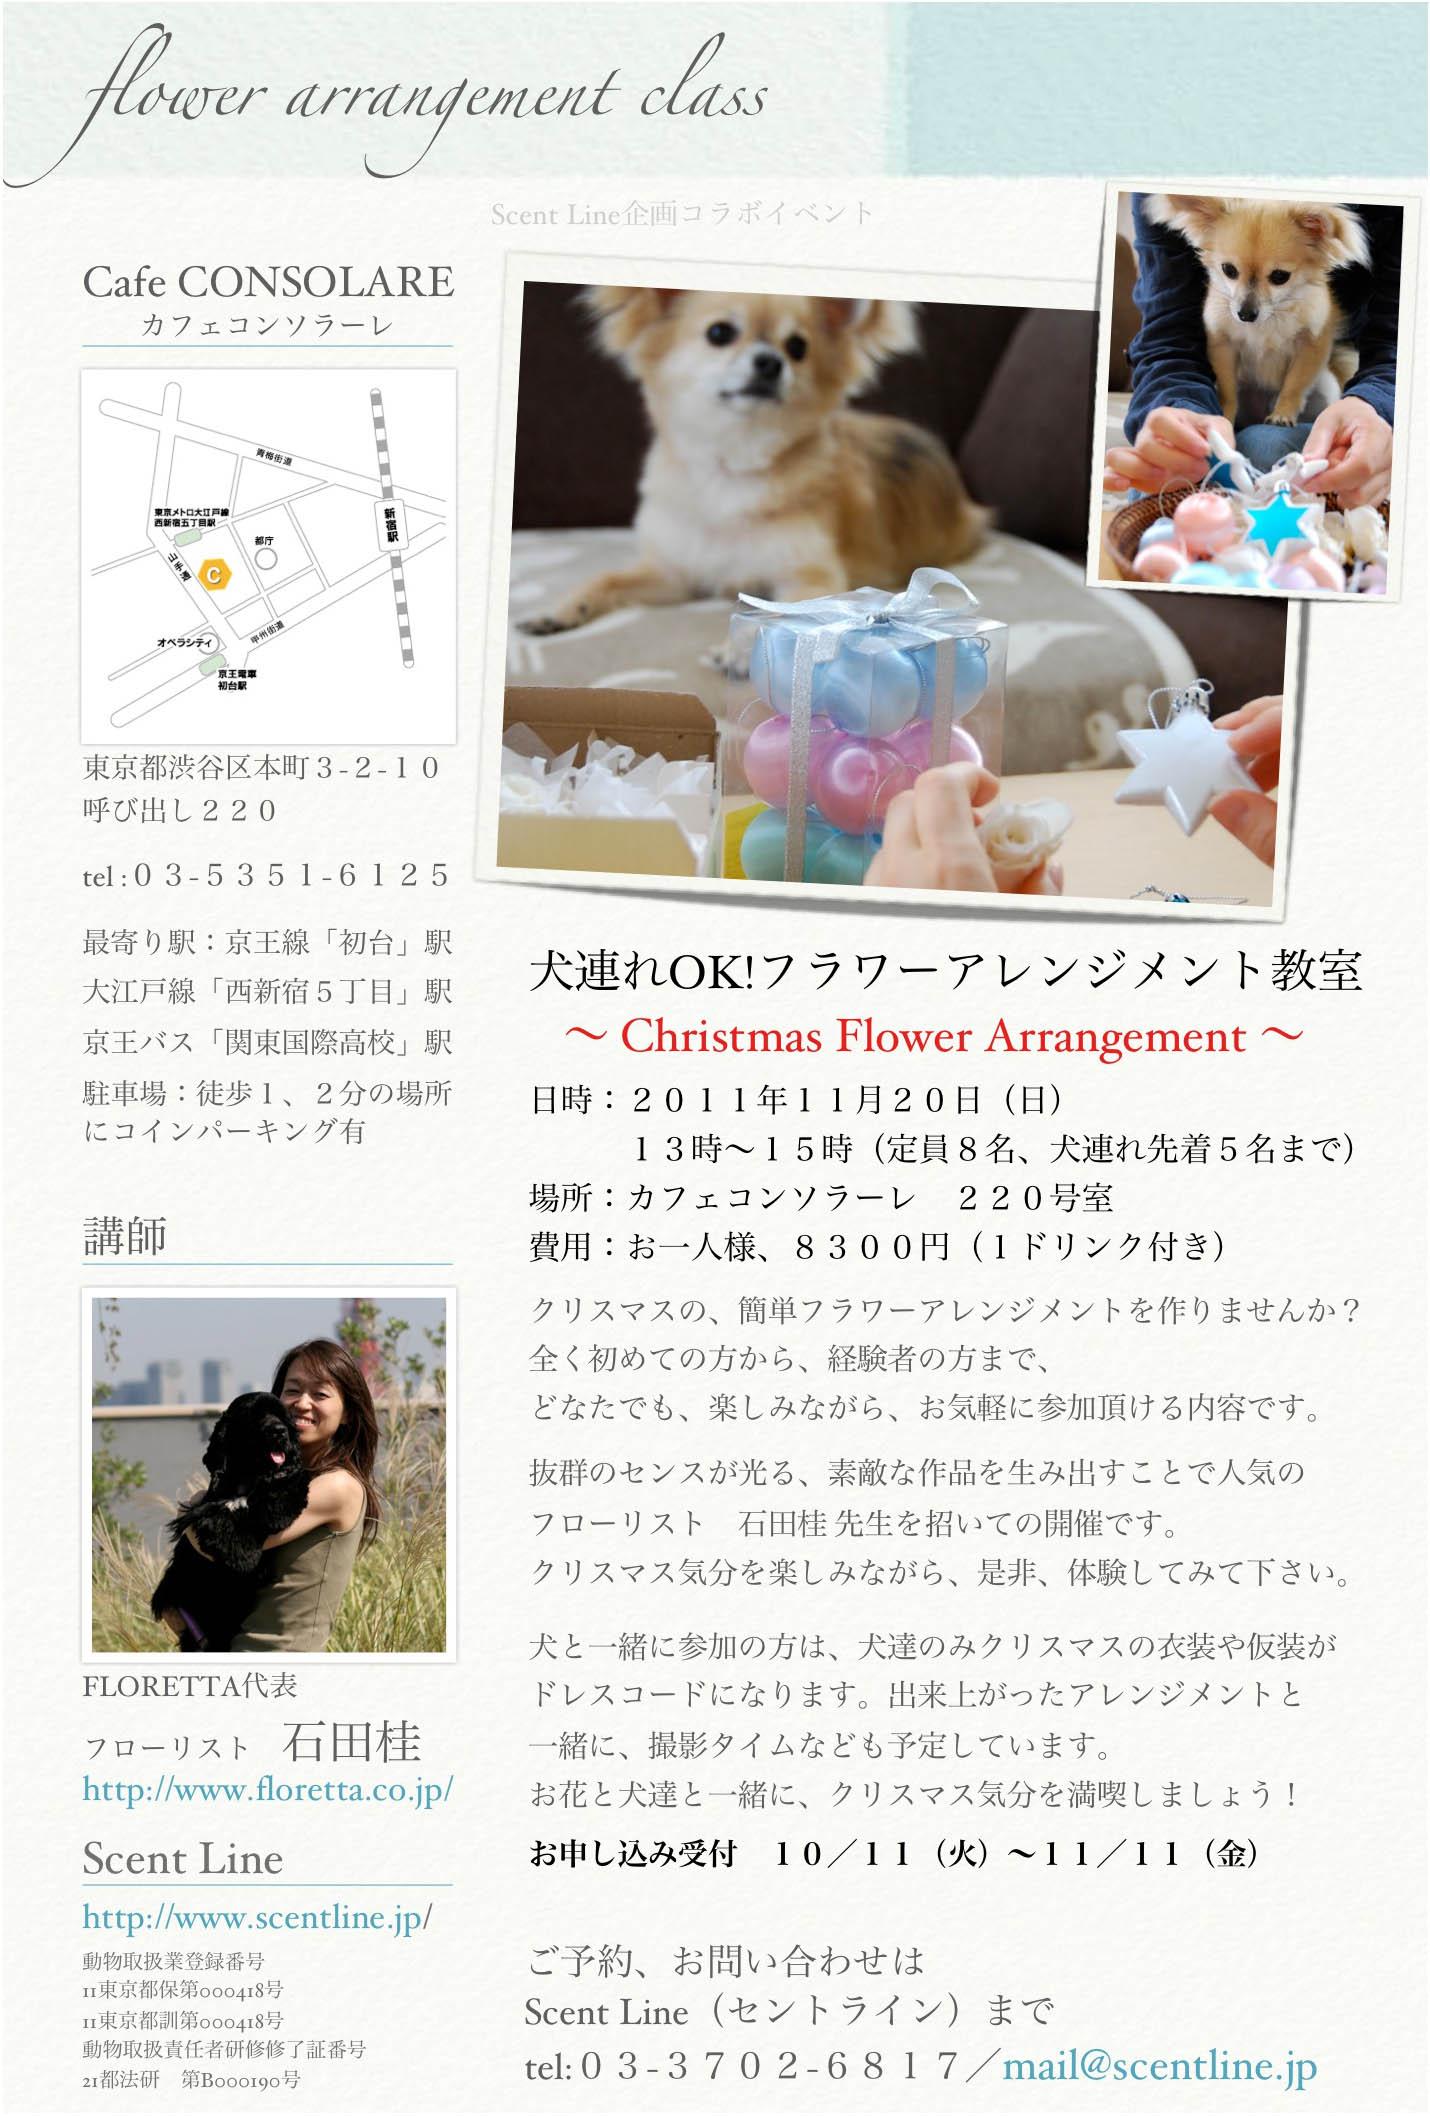 犬連れOK!クリスマスフラワーアレンジメント教室のお知らせ_c0099133_2093562.jpg